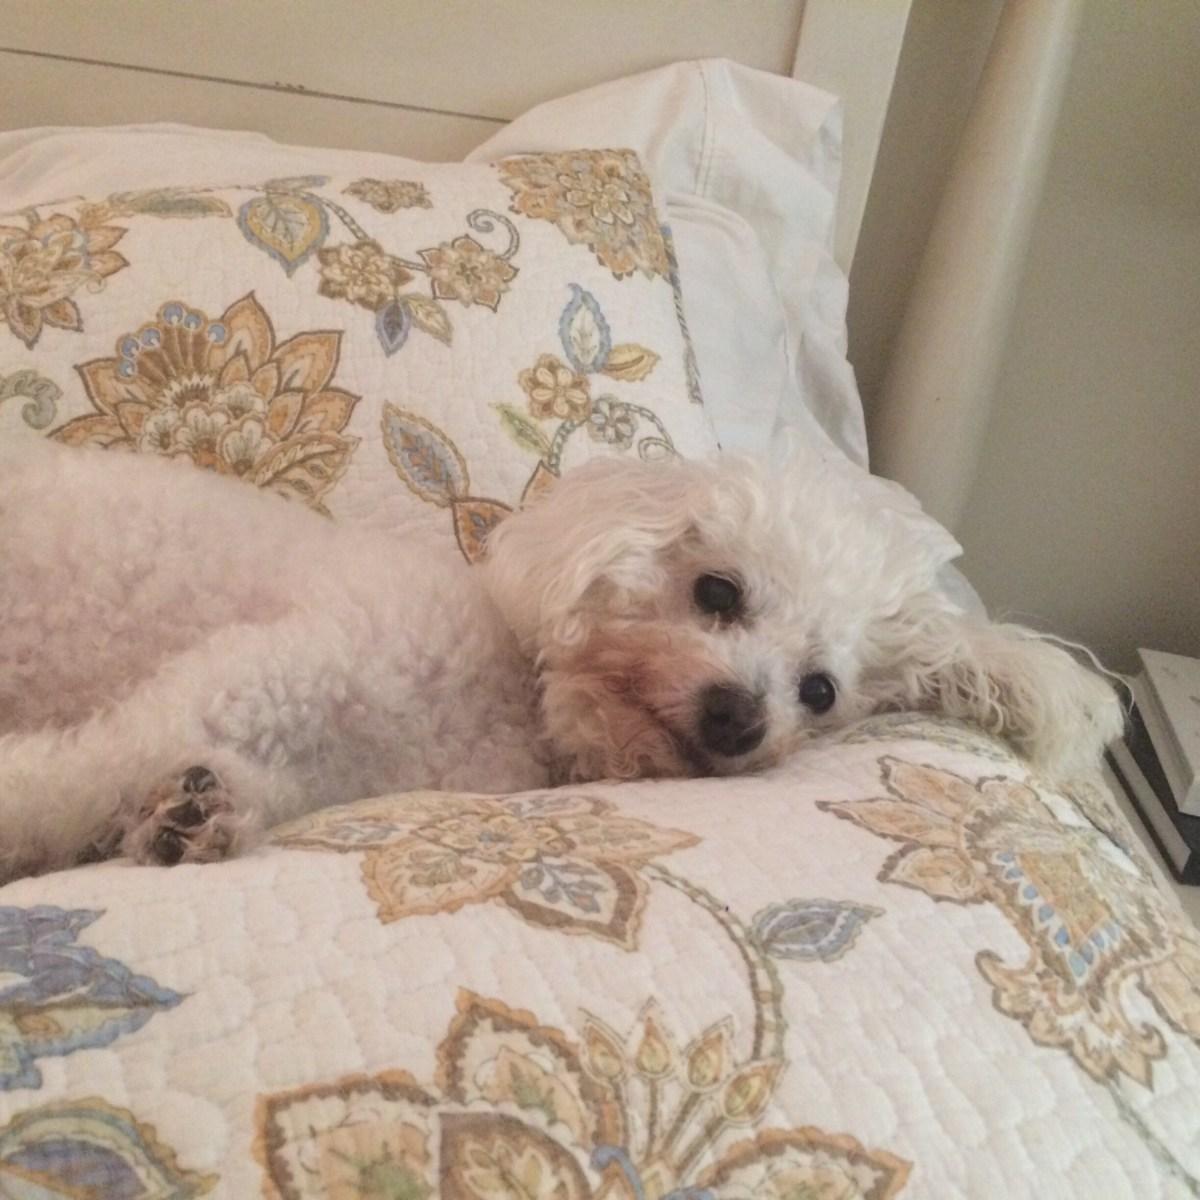 How I Got My Dog & How my Dog Enhanced my Life - SCsScoop.com